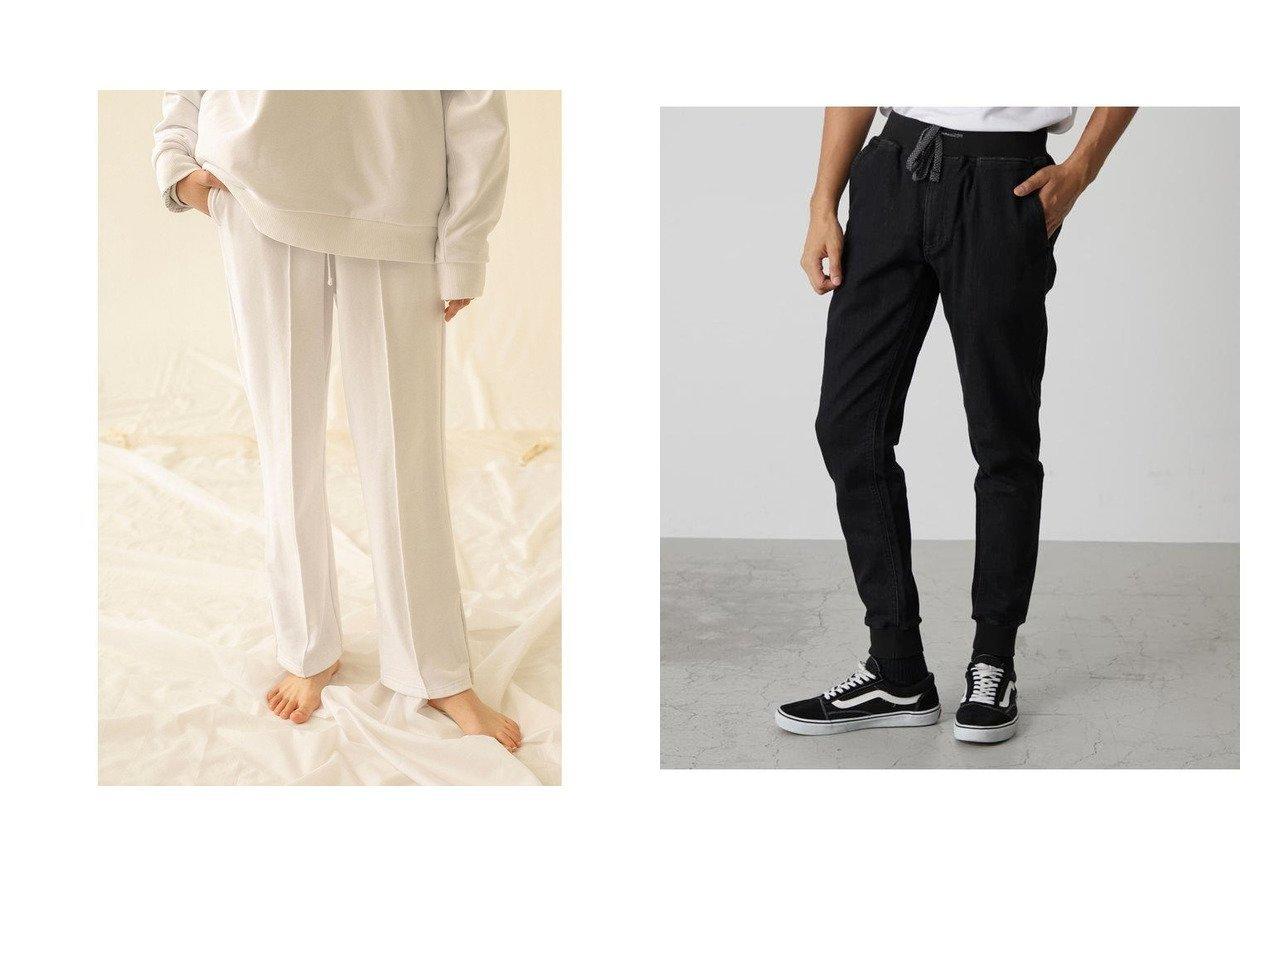 【AZUL by moussy / MEN/アズールバイマウジー】のDOBBY DENIM SLIM JOGGER&【MONKEY TIME / MEN/モンキータイム】のスウェットパンツ 【MEN】おすすめ!人気トレンド・男性、メンズファッションの通販 おすすめで人気の流行・トレンド、ファッションの通販商品 メンズファッション・キッズファッション・インテリア・家具・レディースファッション・服の通販 founy(ファニー) https://founy.com/ ファッション Fashion メンズファッション MEN ボトムス Bottoms Men デニムパンツ Denim Pants シンプル 2021年 2021 2021 春夏 S/S SS Spring/Summer 2021 S/S 春夏 SS Spring/Summer ストレッチ デニム フロント ベーシック ポケット |ID:crp329100000018296